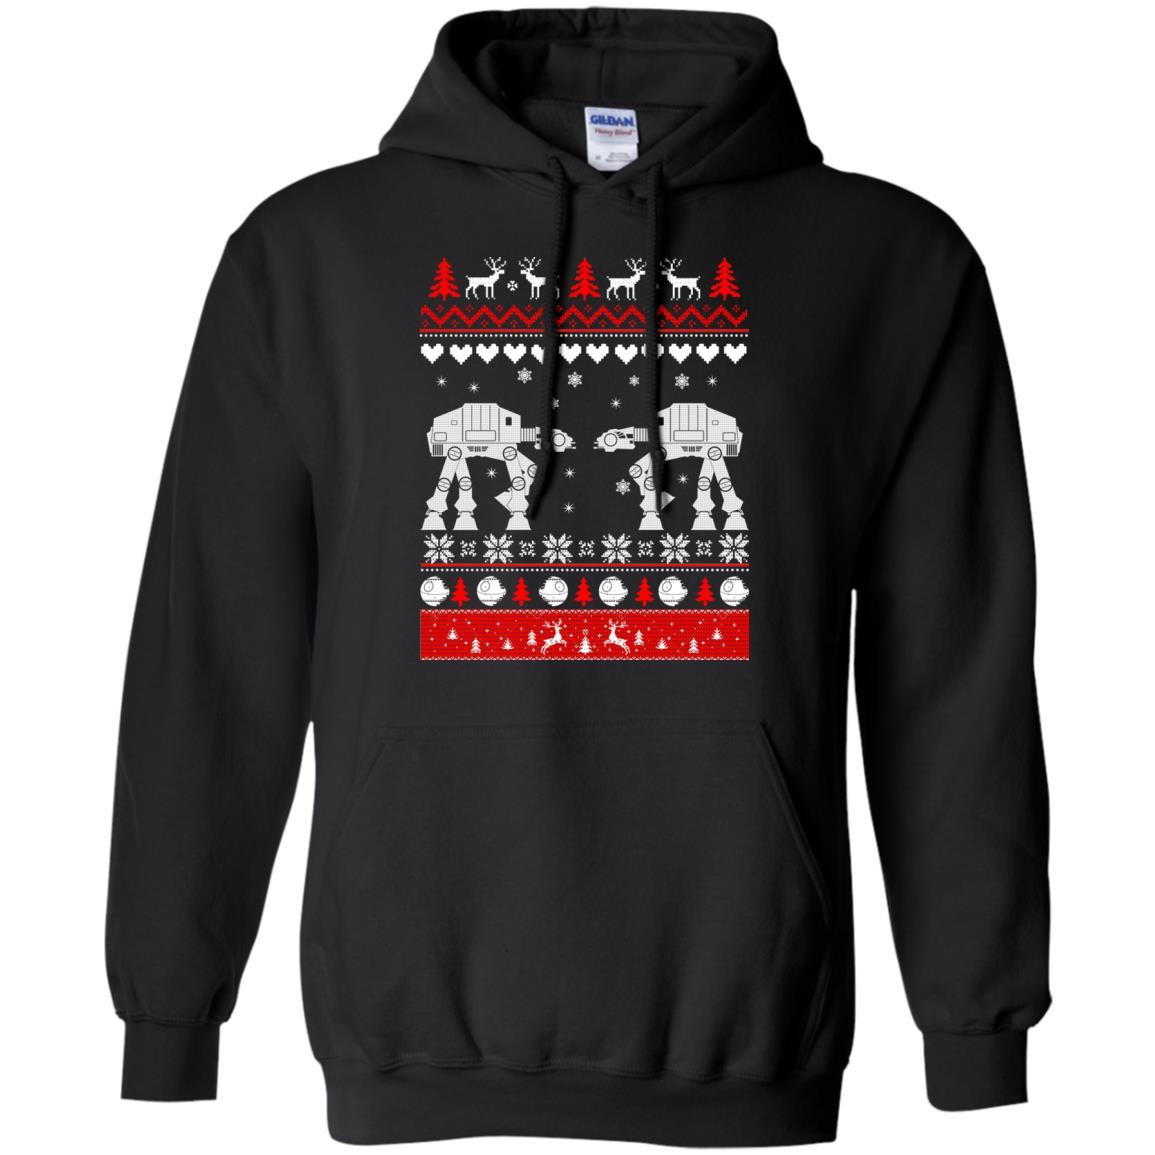 image 1738 - Star Wars AT AT Walker Christmas Sweatshirt, Hoodie